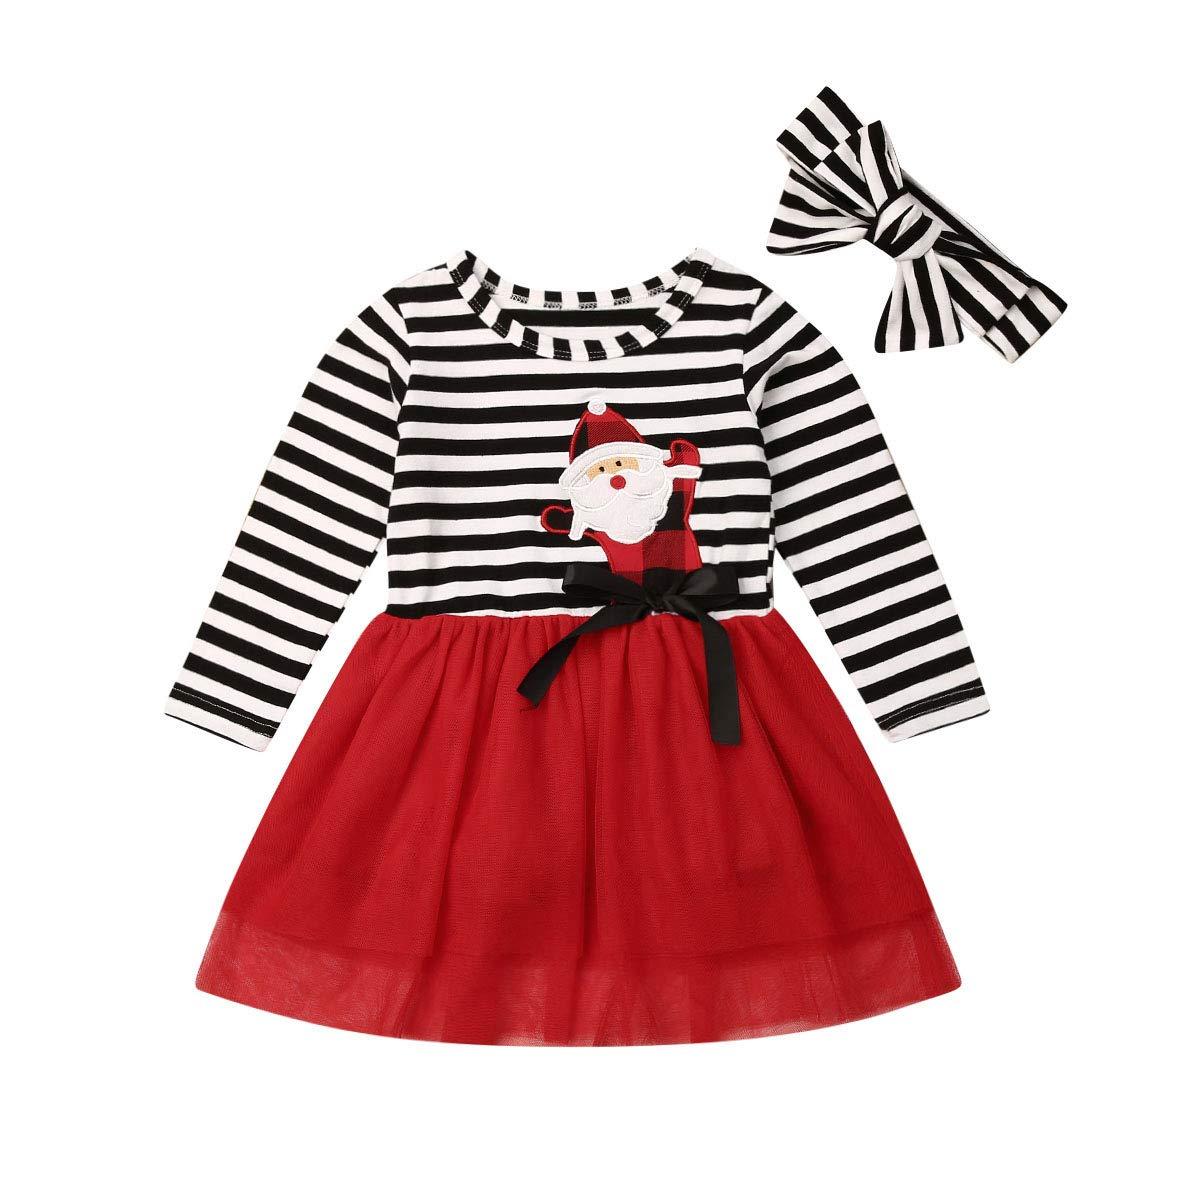 VISGOGO Toddler Kids Baby Girls Long Sleeve Tulle Stripe Dress for Halloween Christmas Thanksgiving